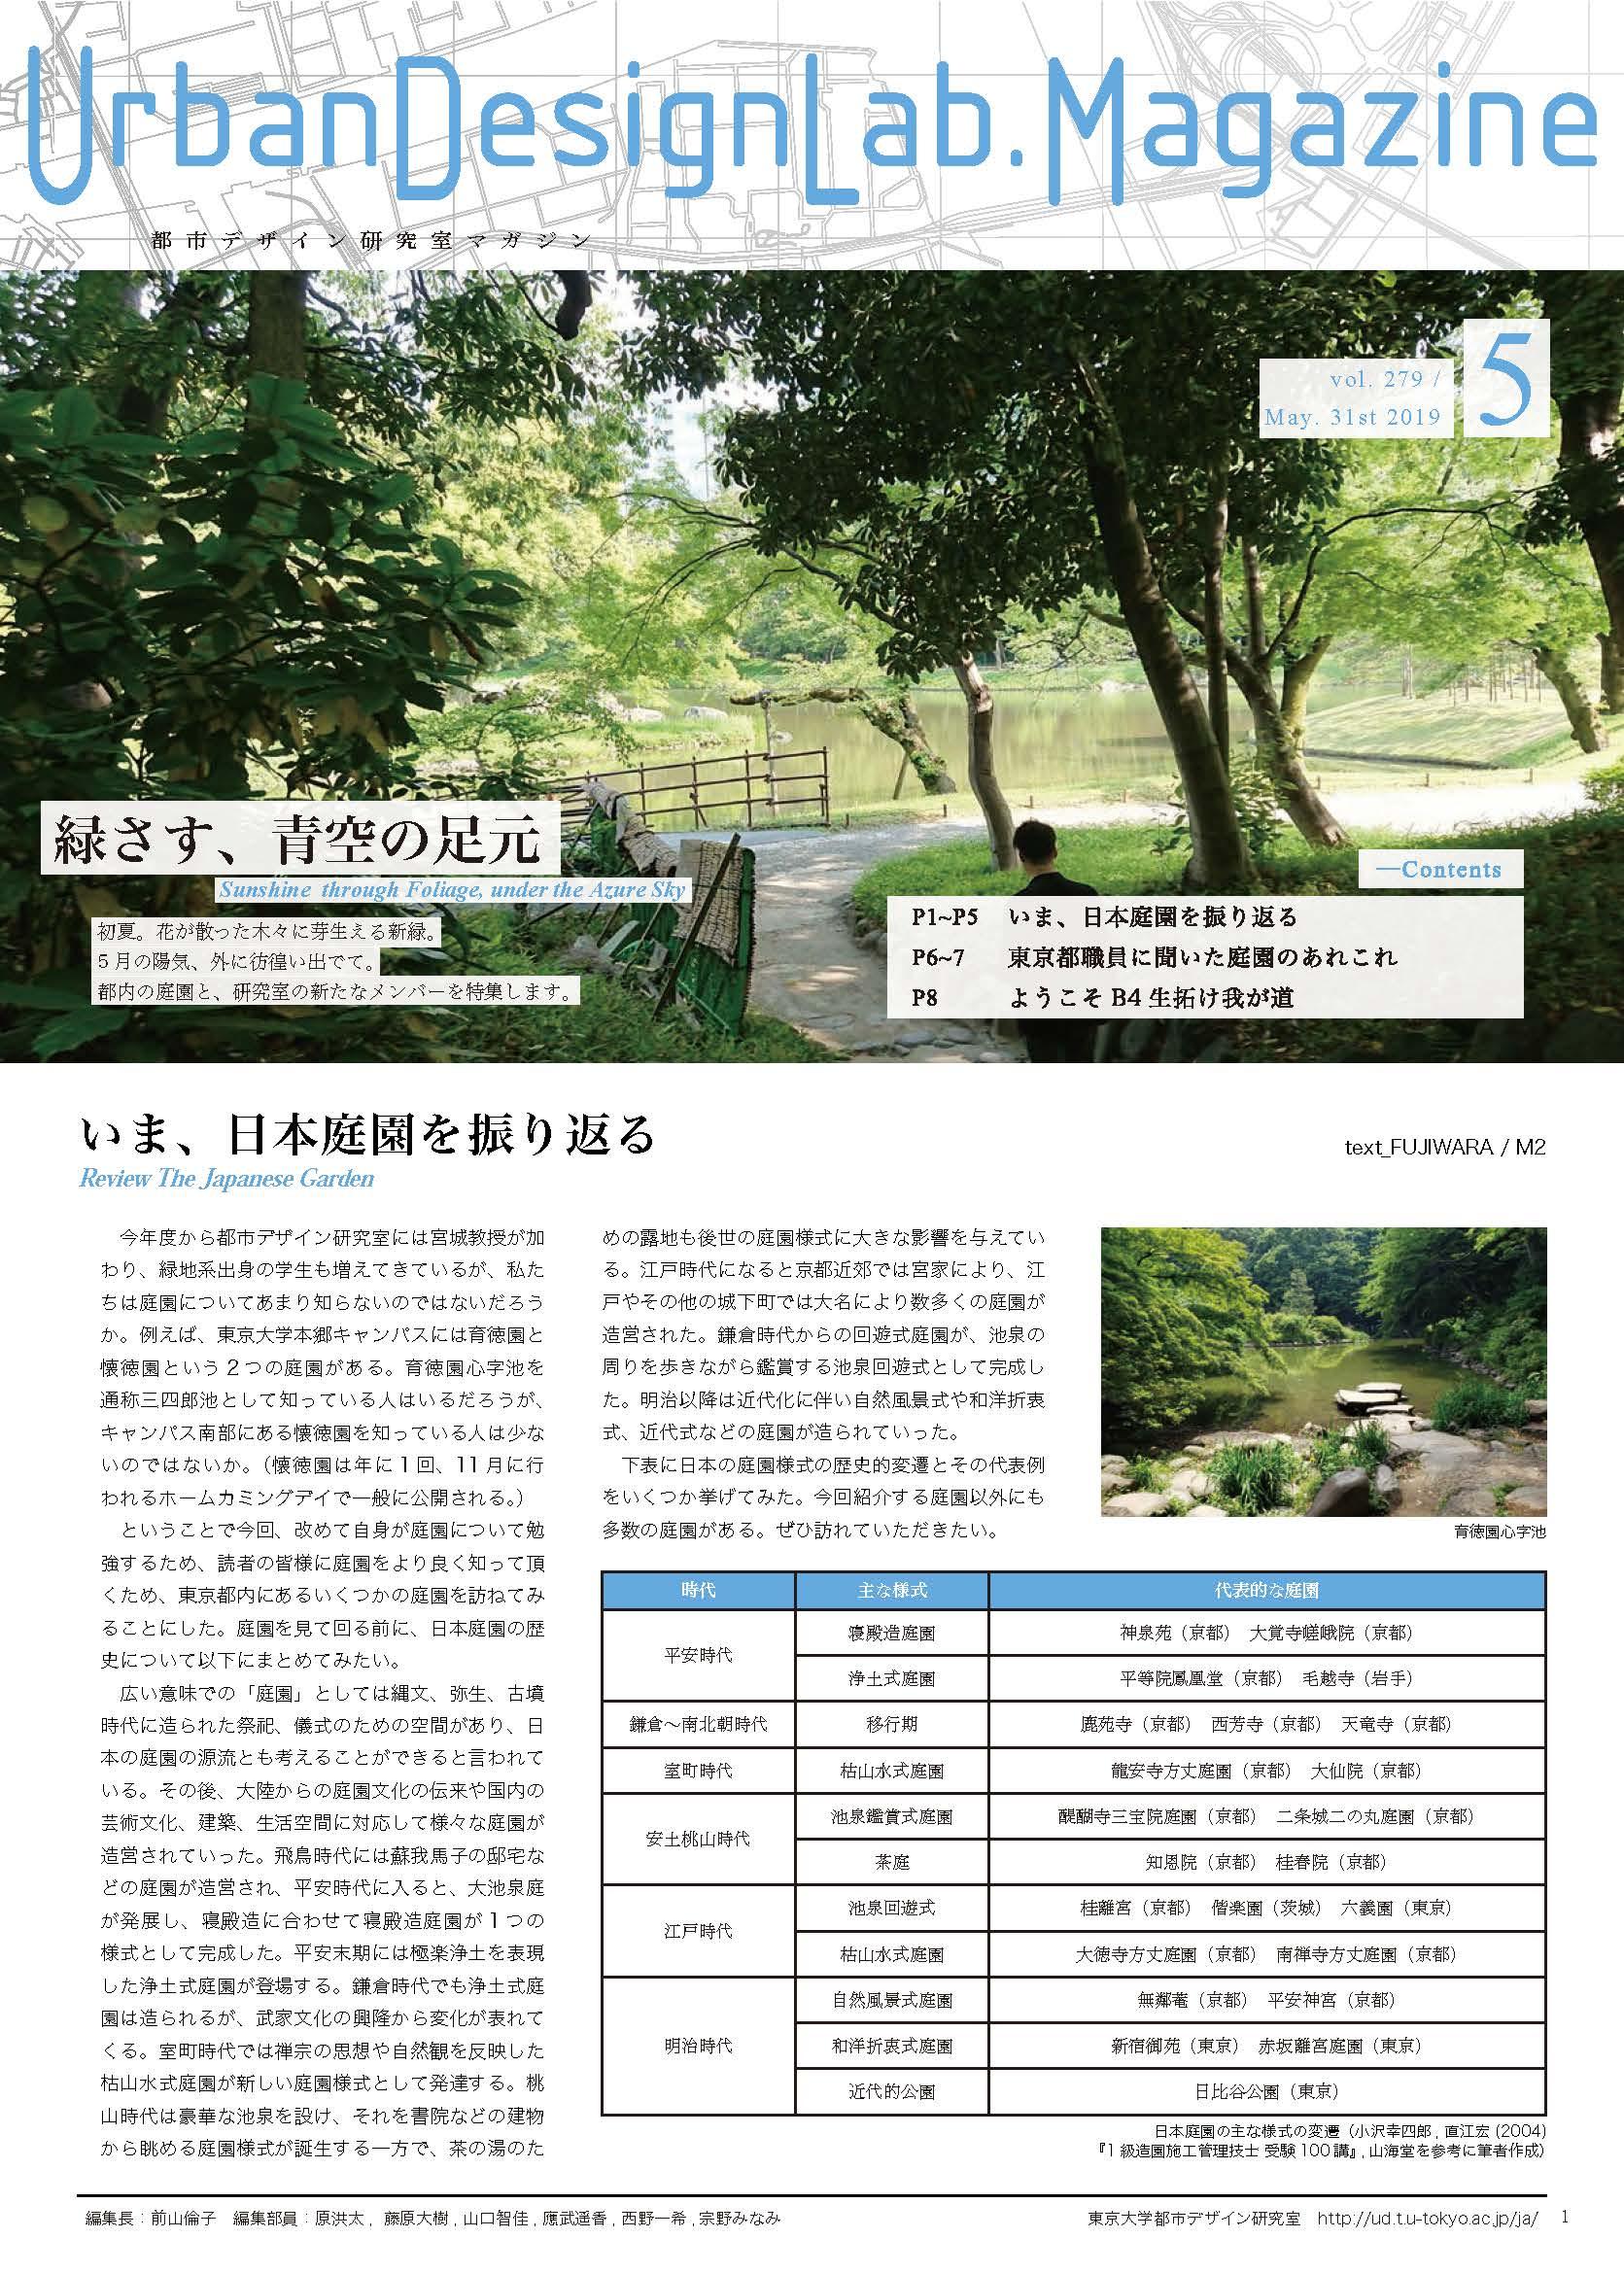 http://ud.t.u-tokyo.ac.jp/blog/_images/279_%E7%B8%AE%E5%B0%8F_%E3%83%9A%E3%83%BC%E3%82%B8_1.jpg